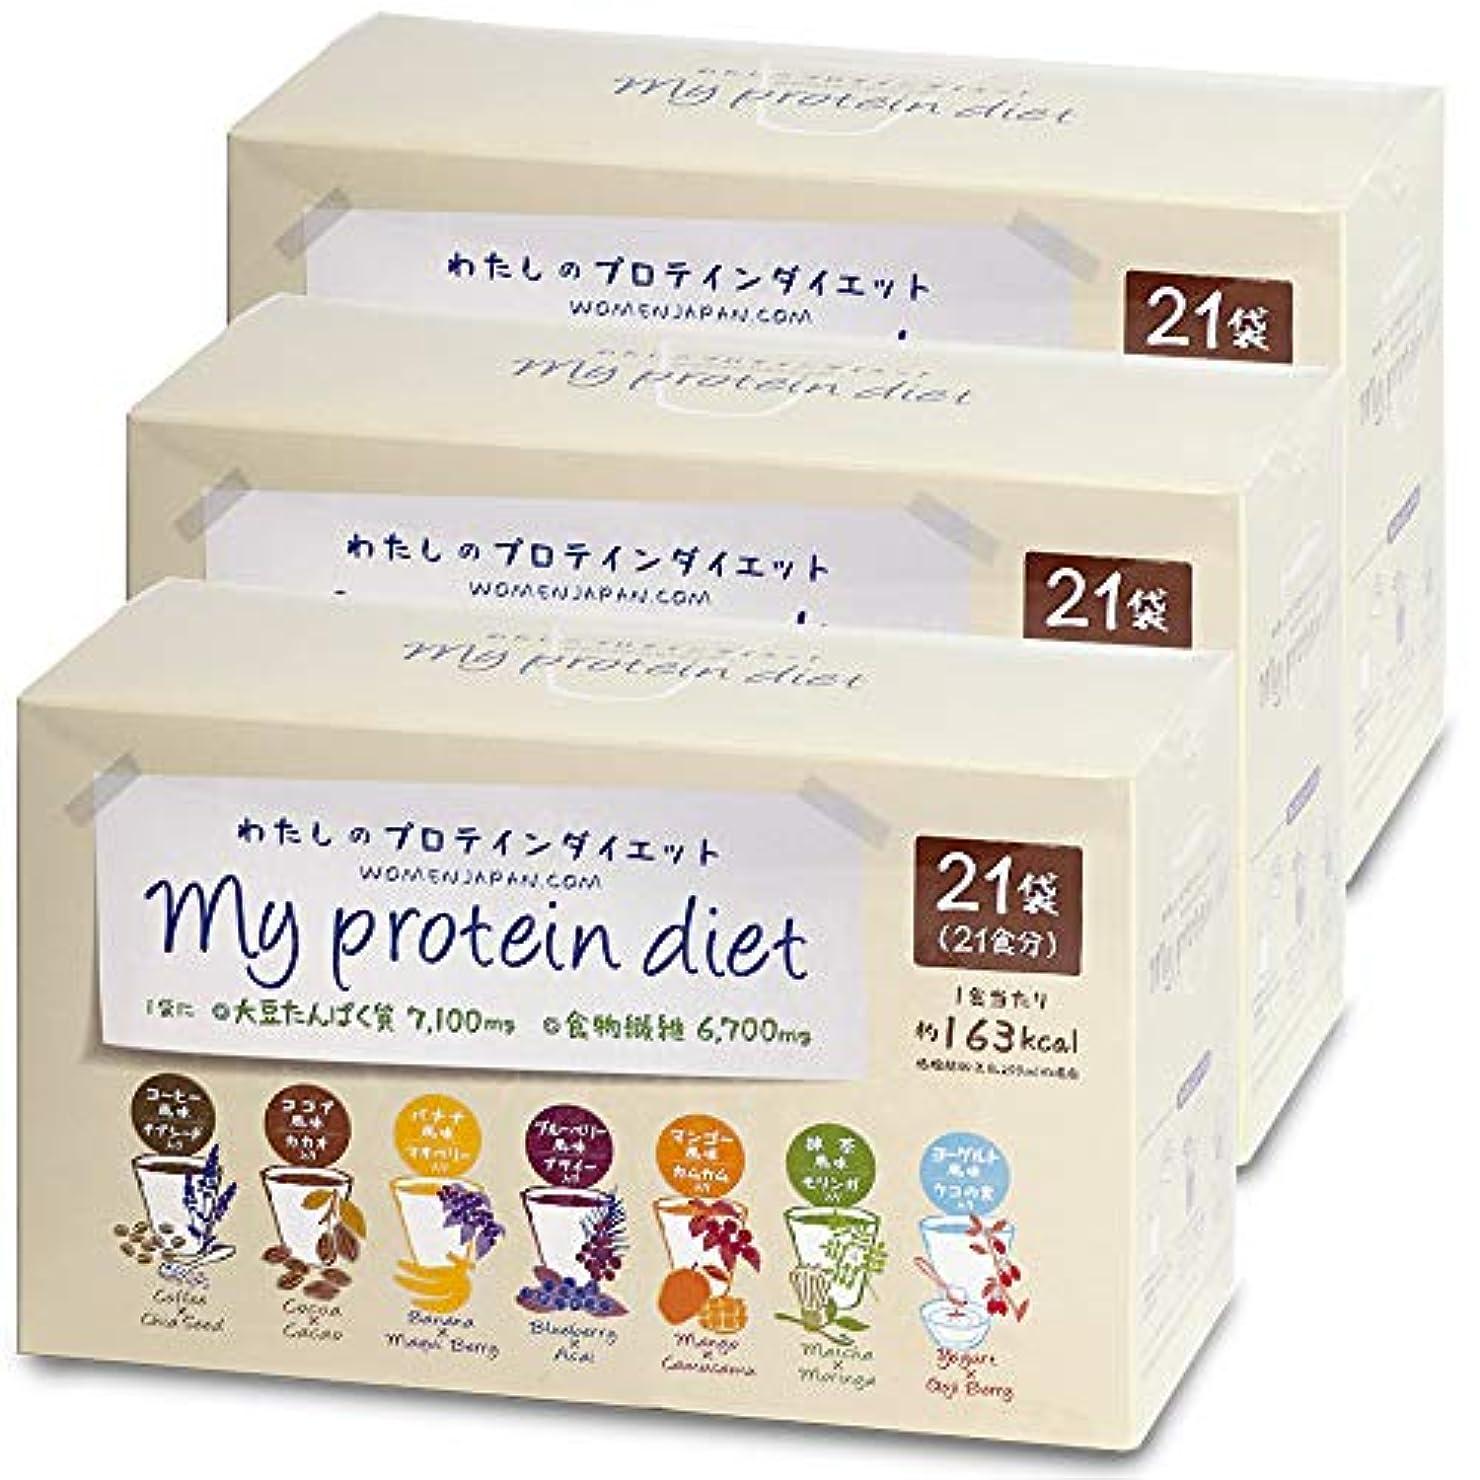 ショッピングセンター突っ込むアラートわたしのプロテインダイエット 63食セット 1食置き換えダイエットシェイク 低糖質